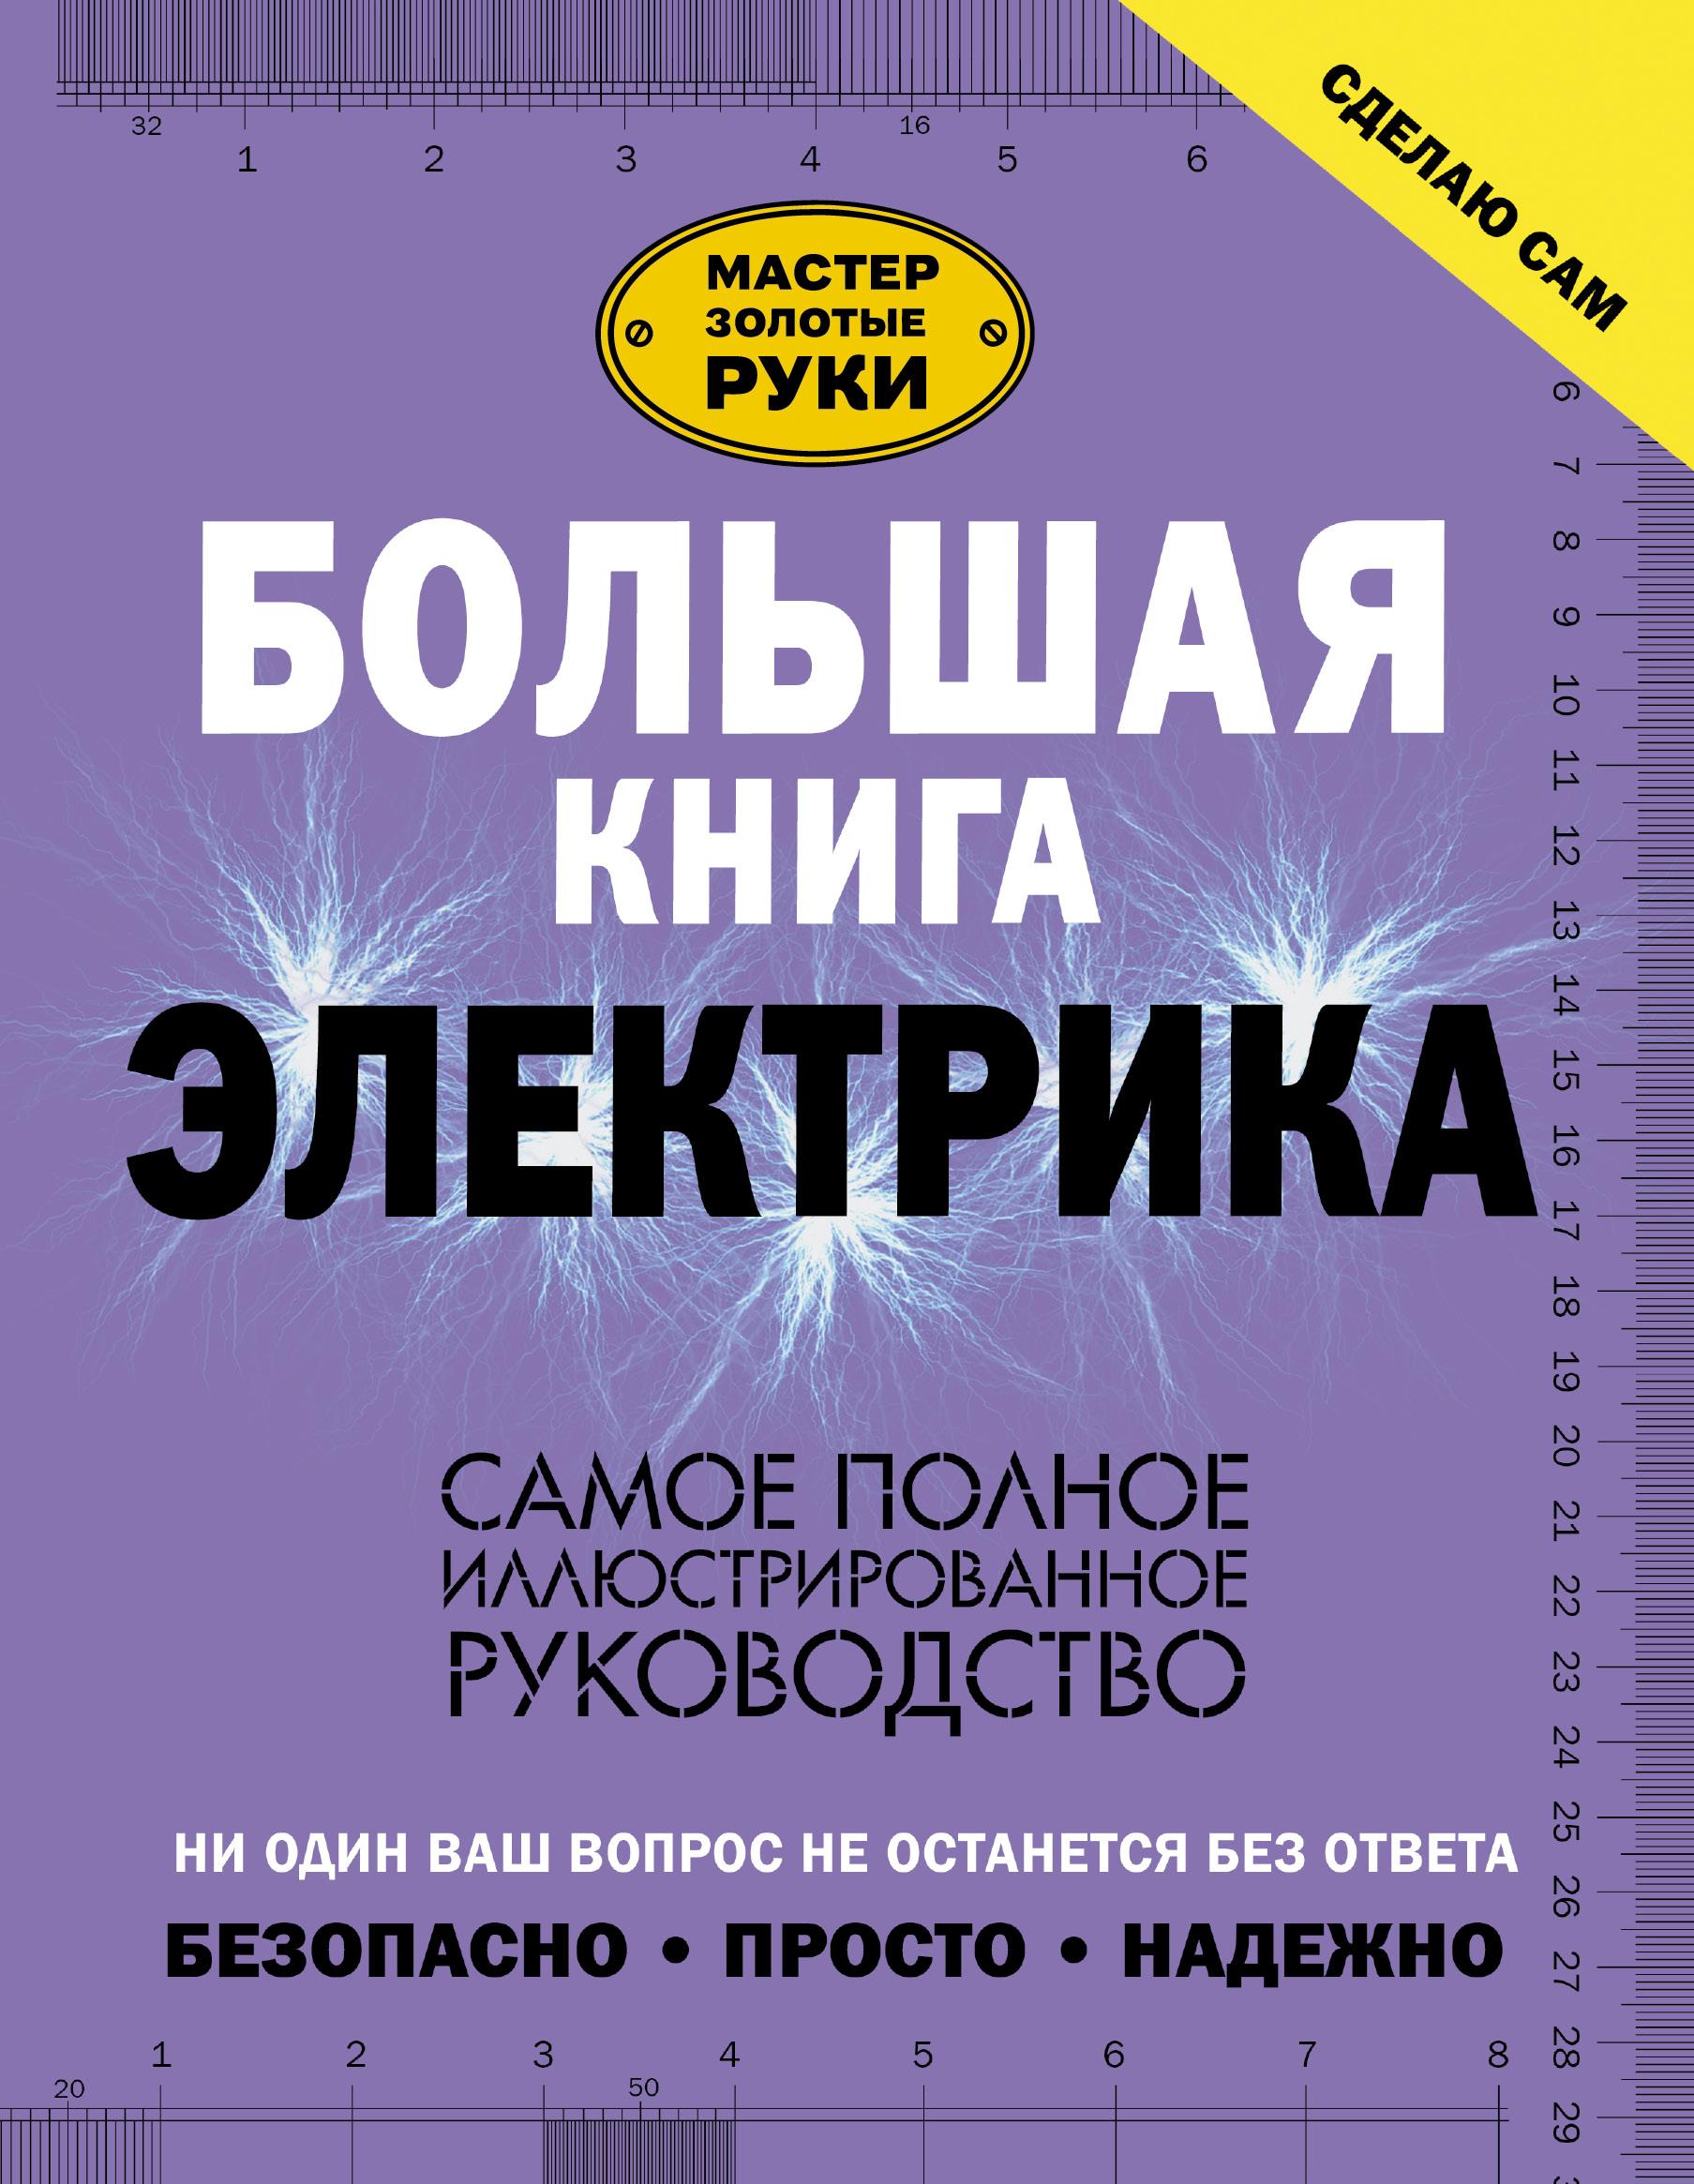 Большая книга электрика. Самое полное иллюстрированное руководство от book24.ru